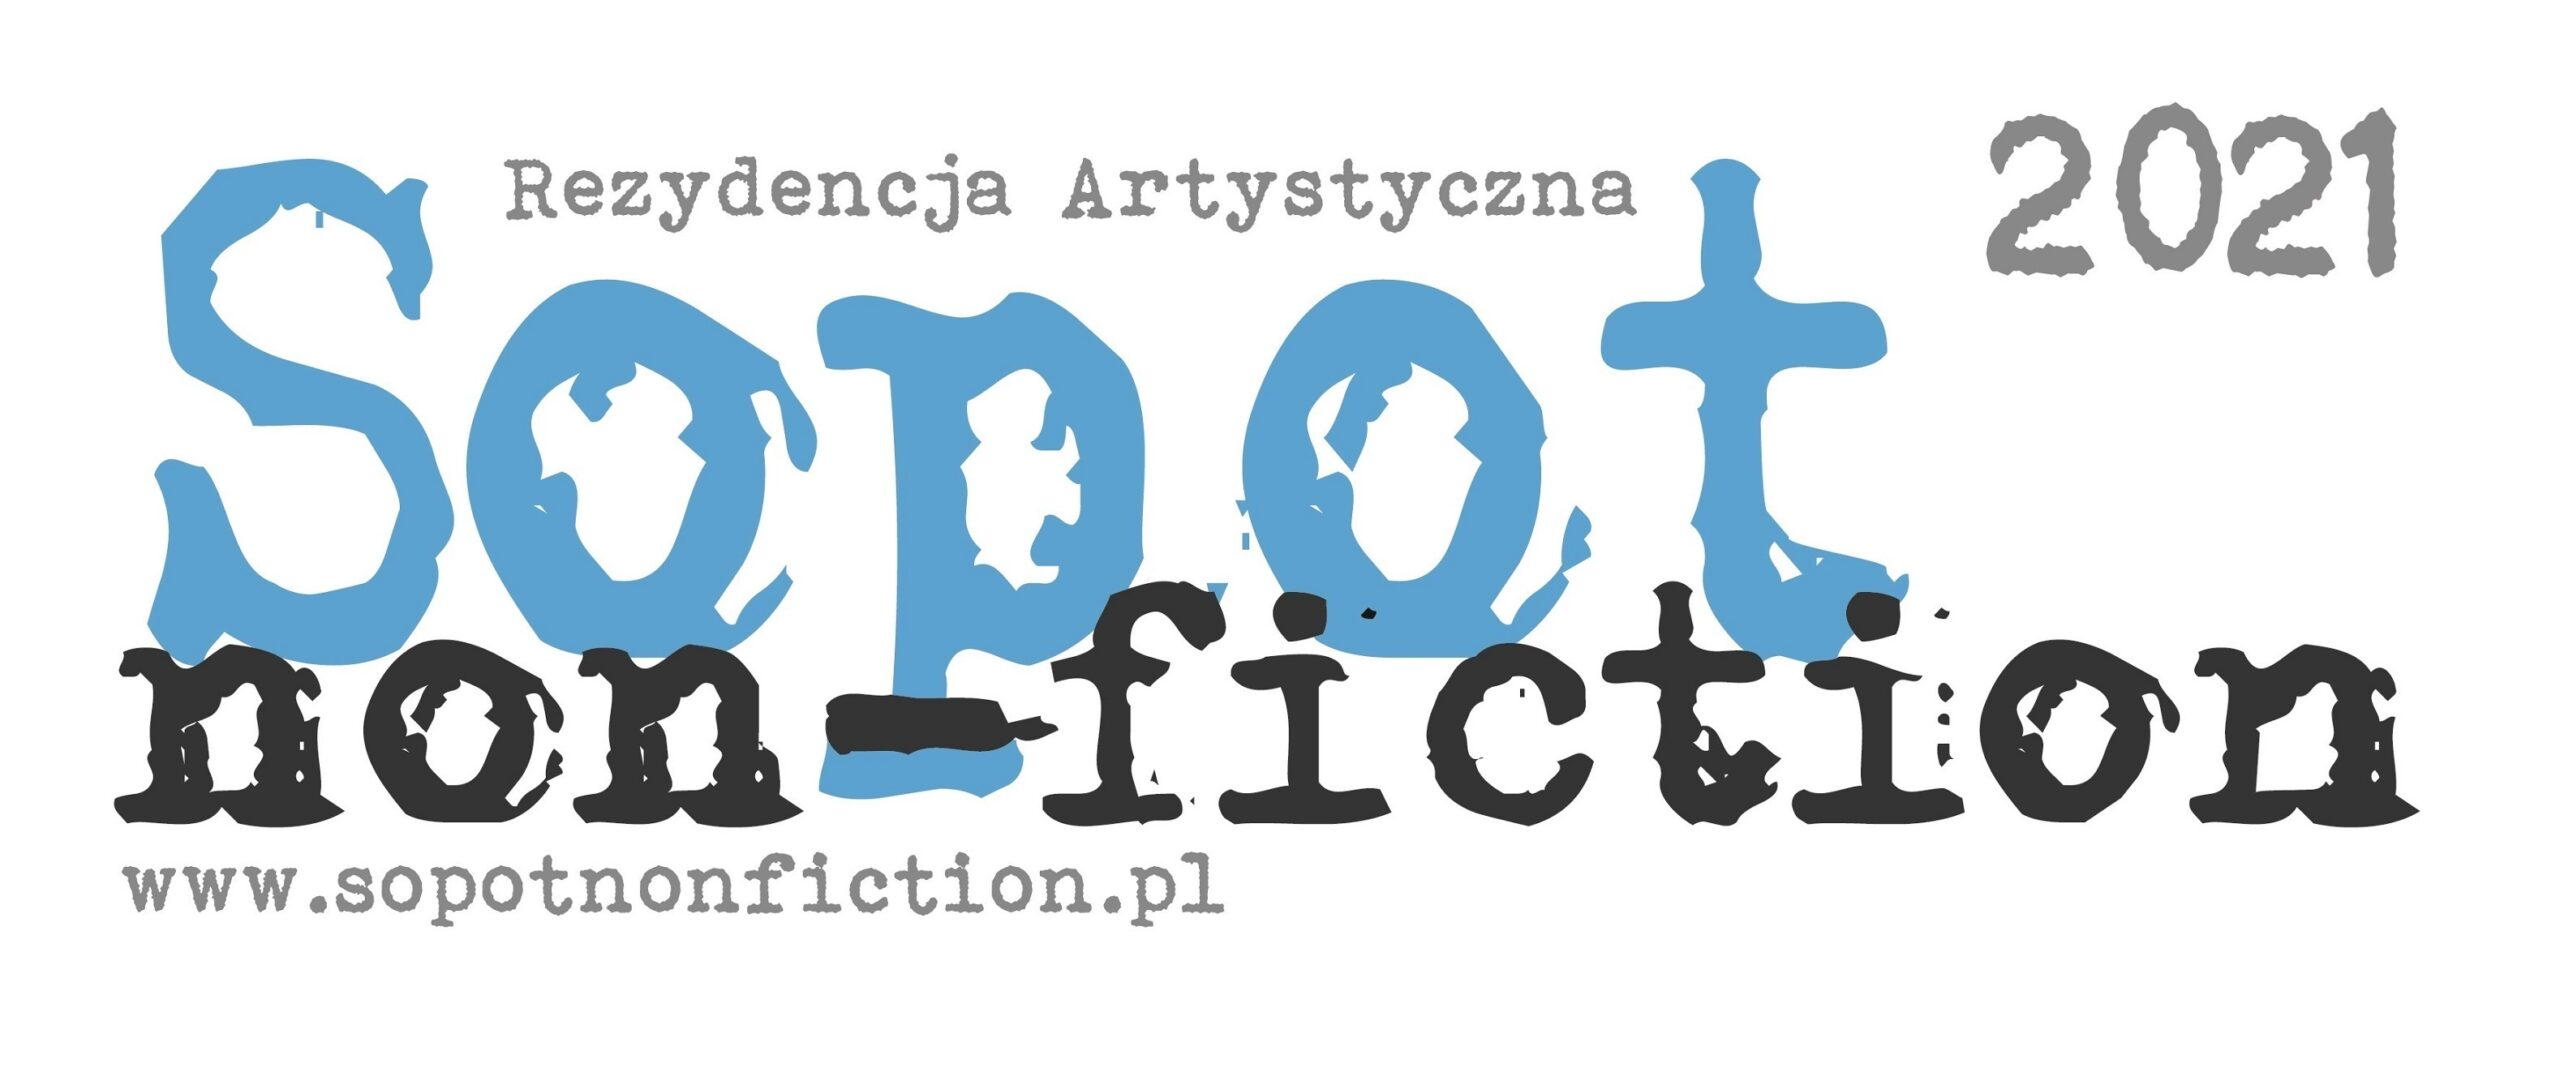 Znamy już rezydentów Sopot Non-Fiction 2021